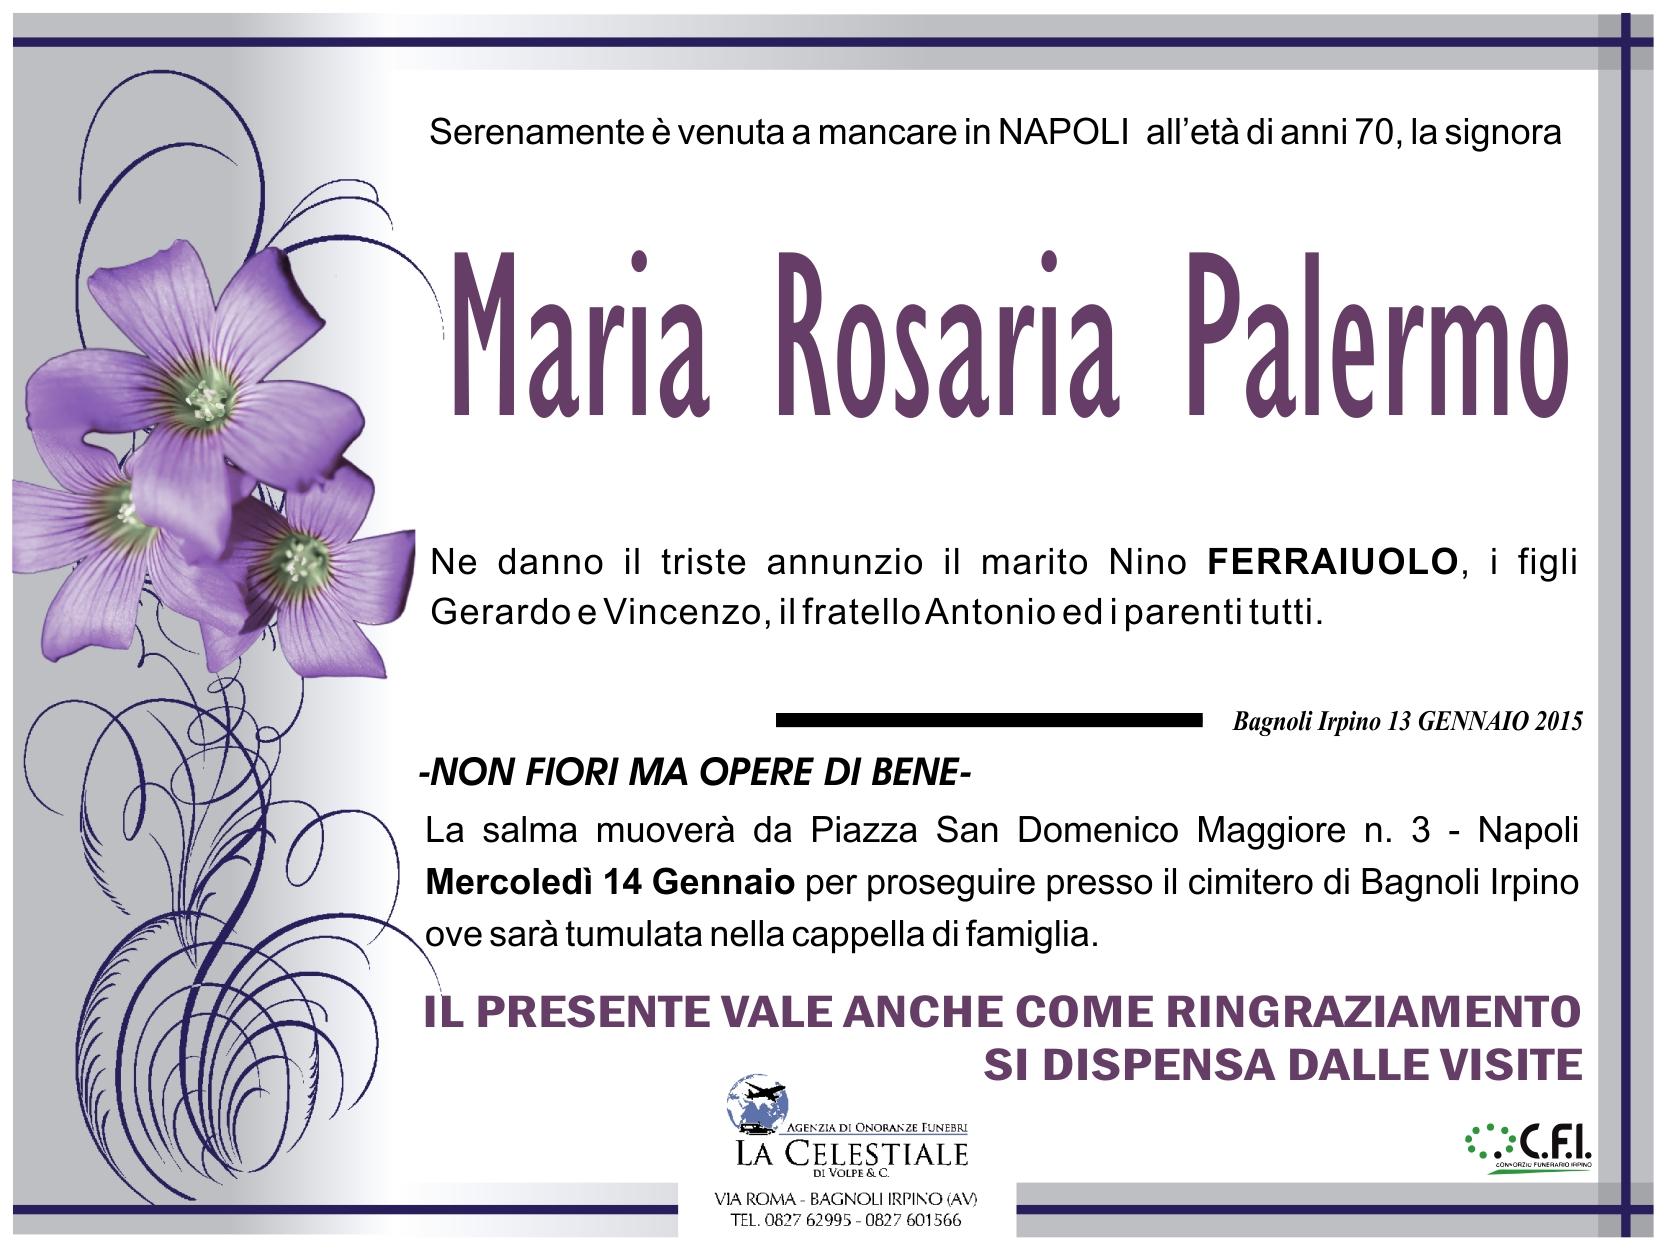 maria rosaria palermo (napoli)   associazione culturale - palazzo ... - Fiori Bagnoli Irpino